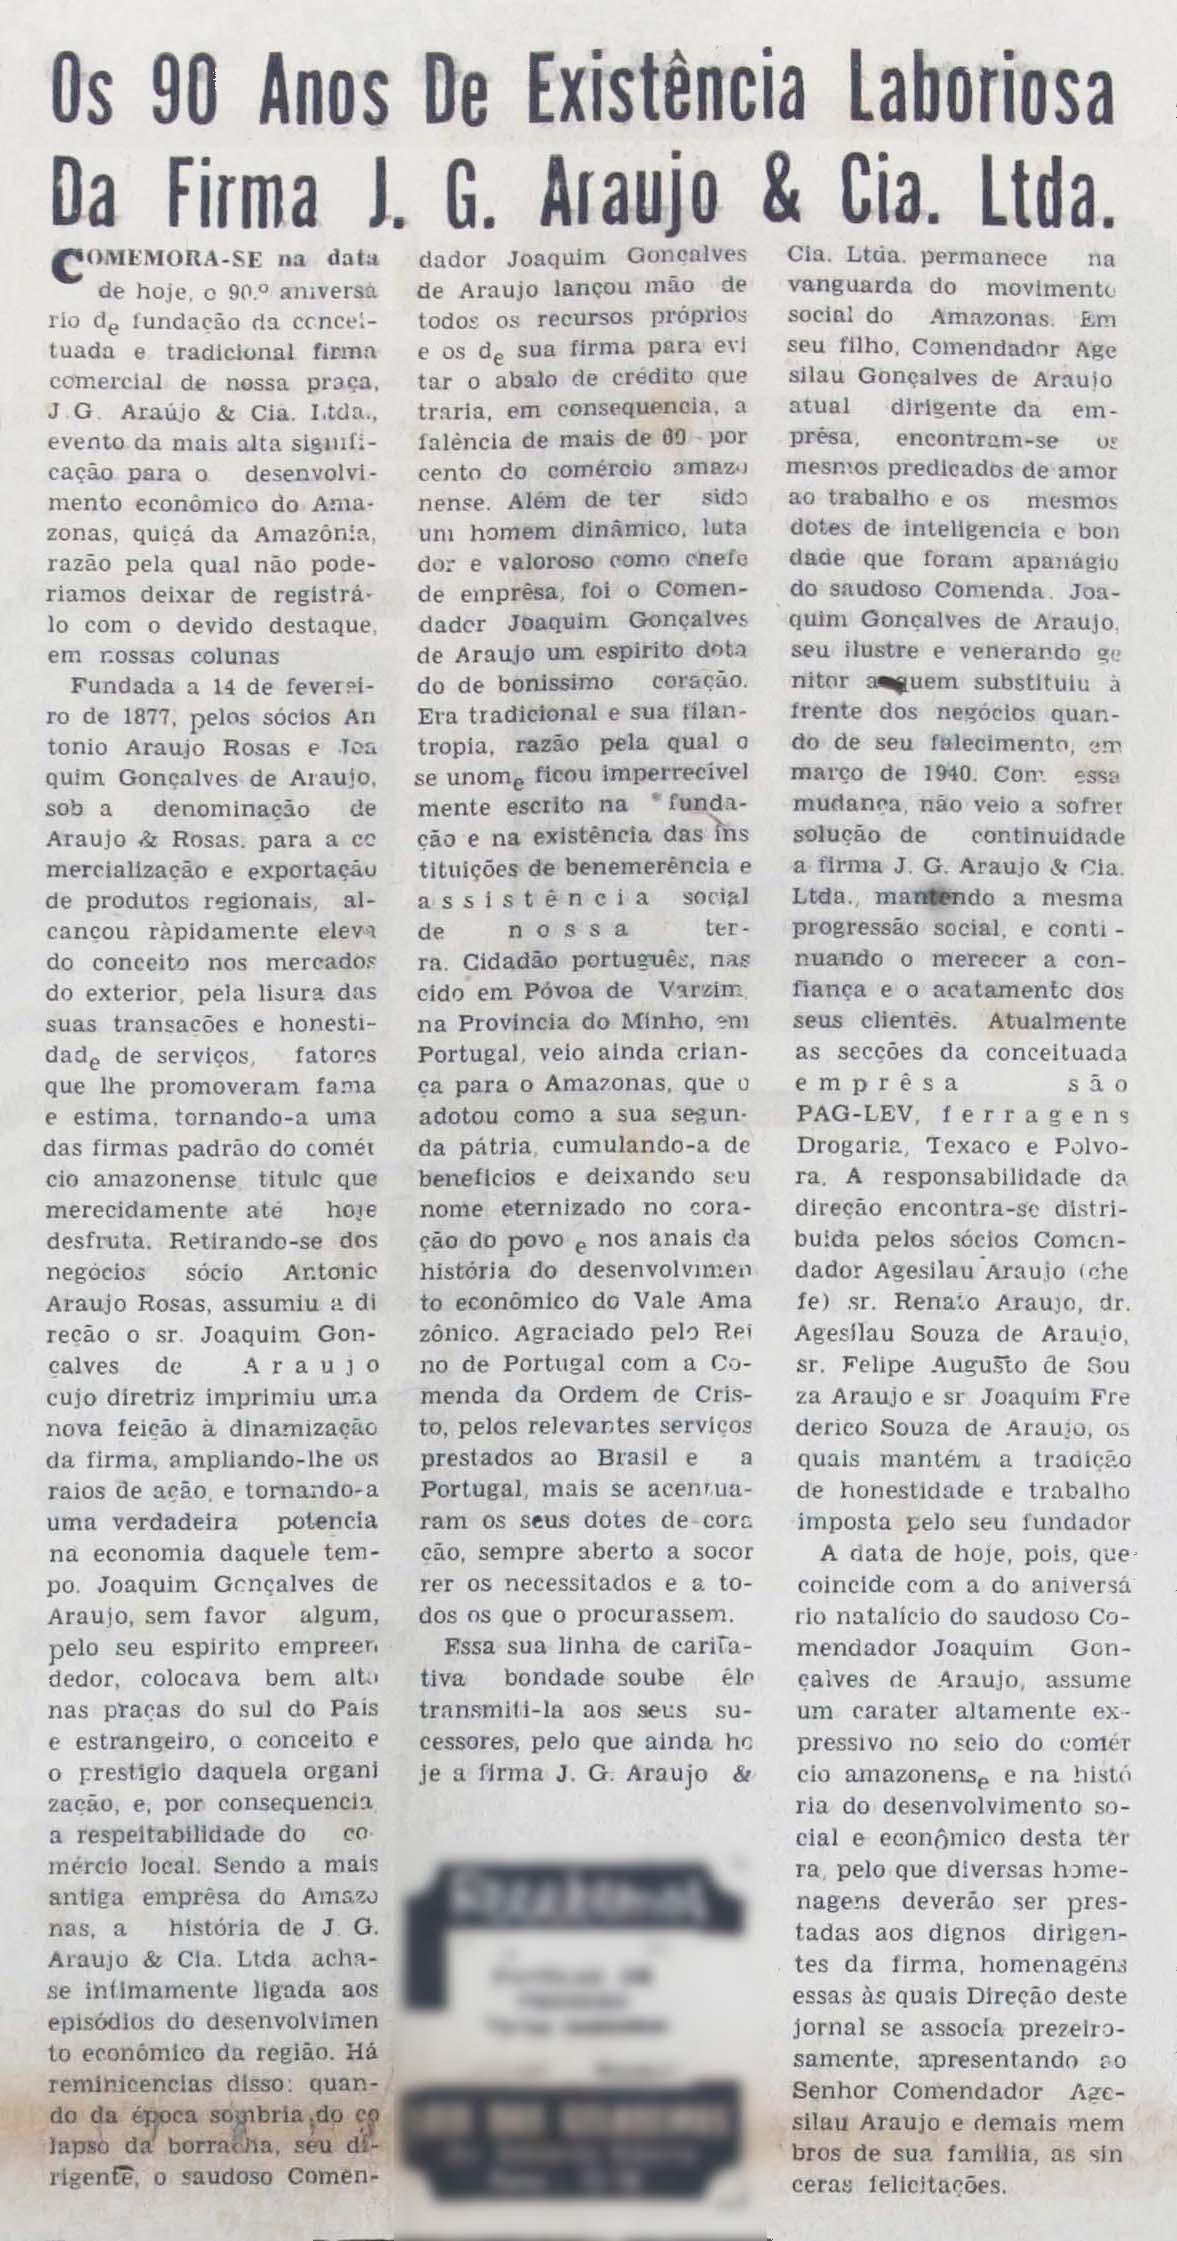 Comemoração dos 90 anos da J.G. Araújo e Cia